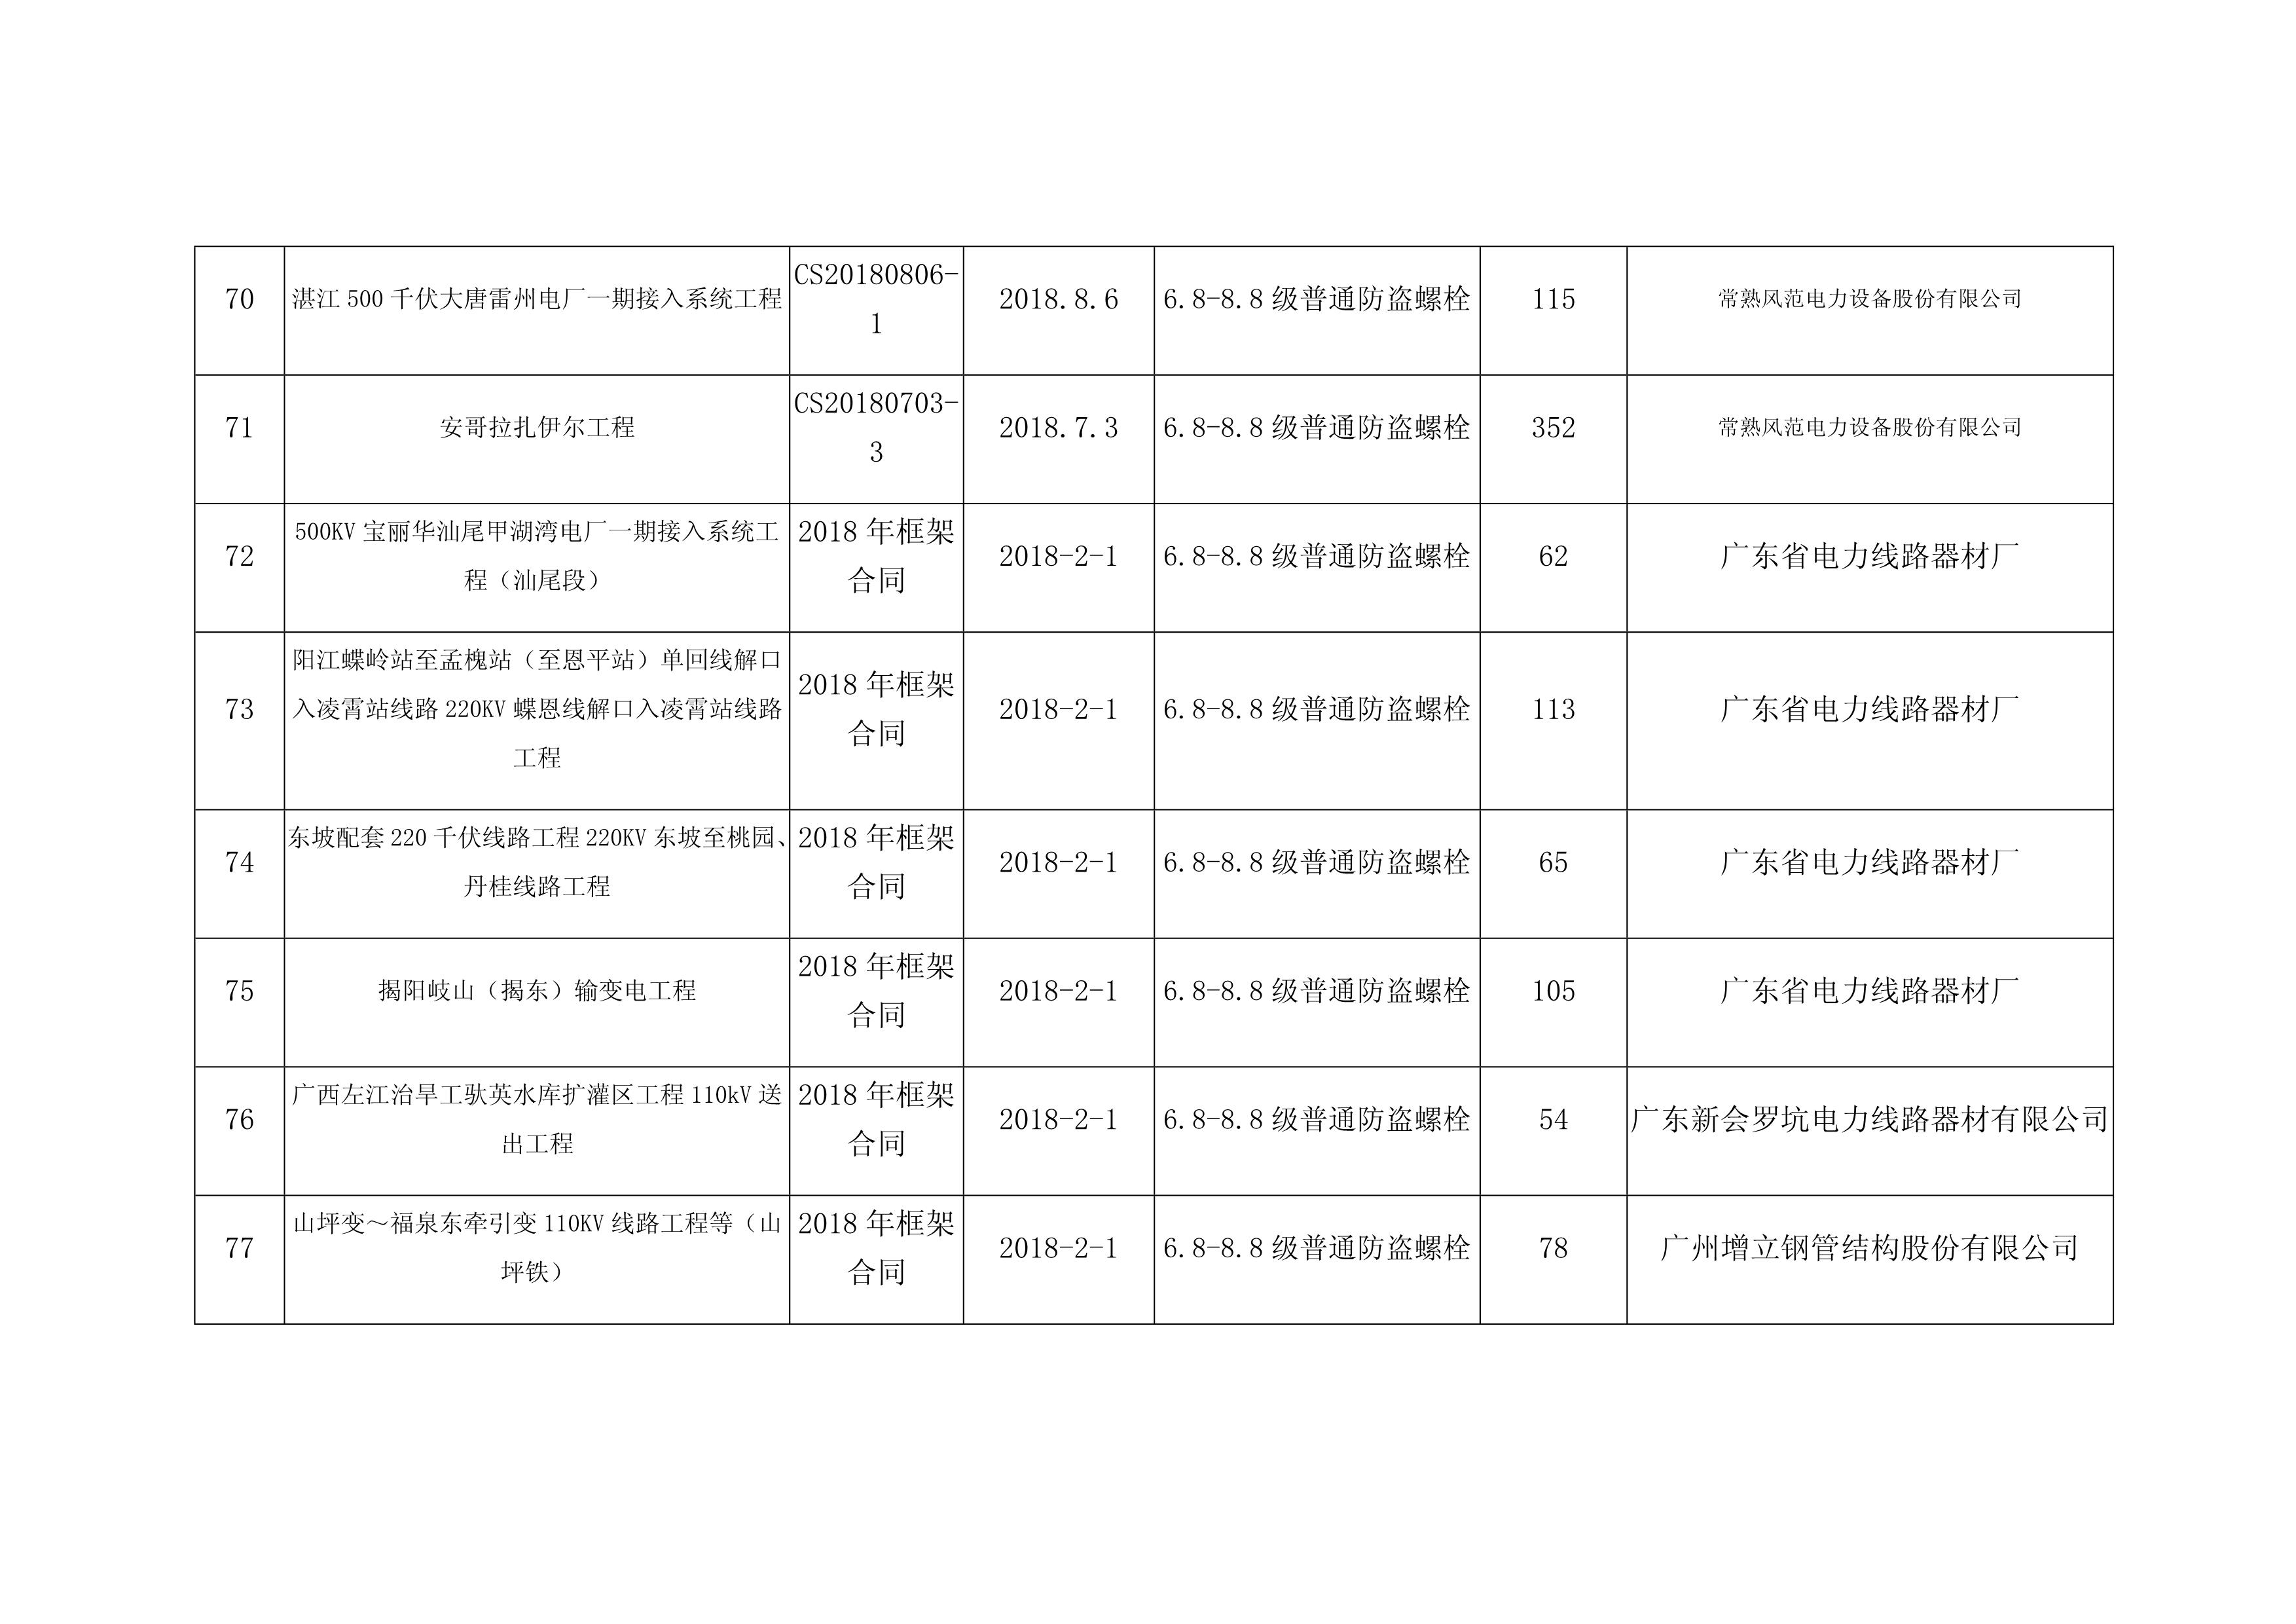 2017-2019业绩表_8